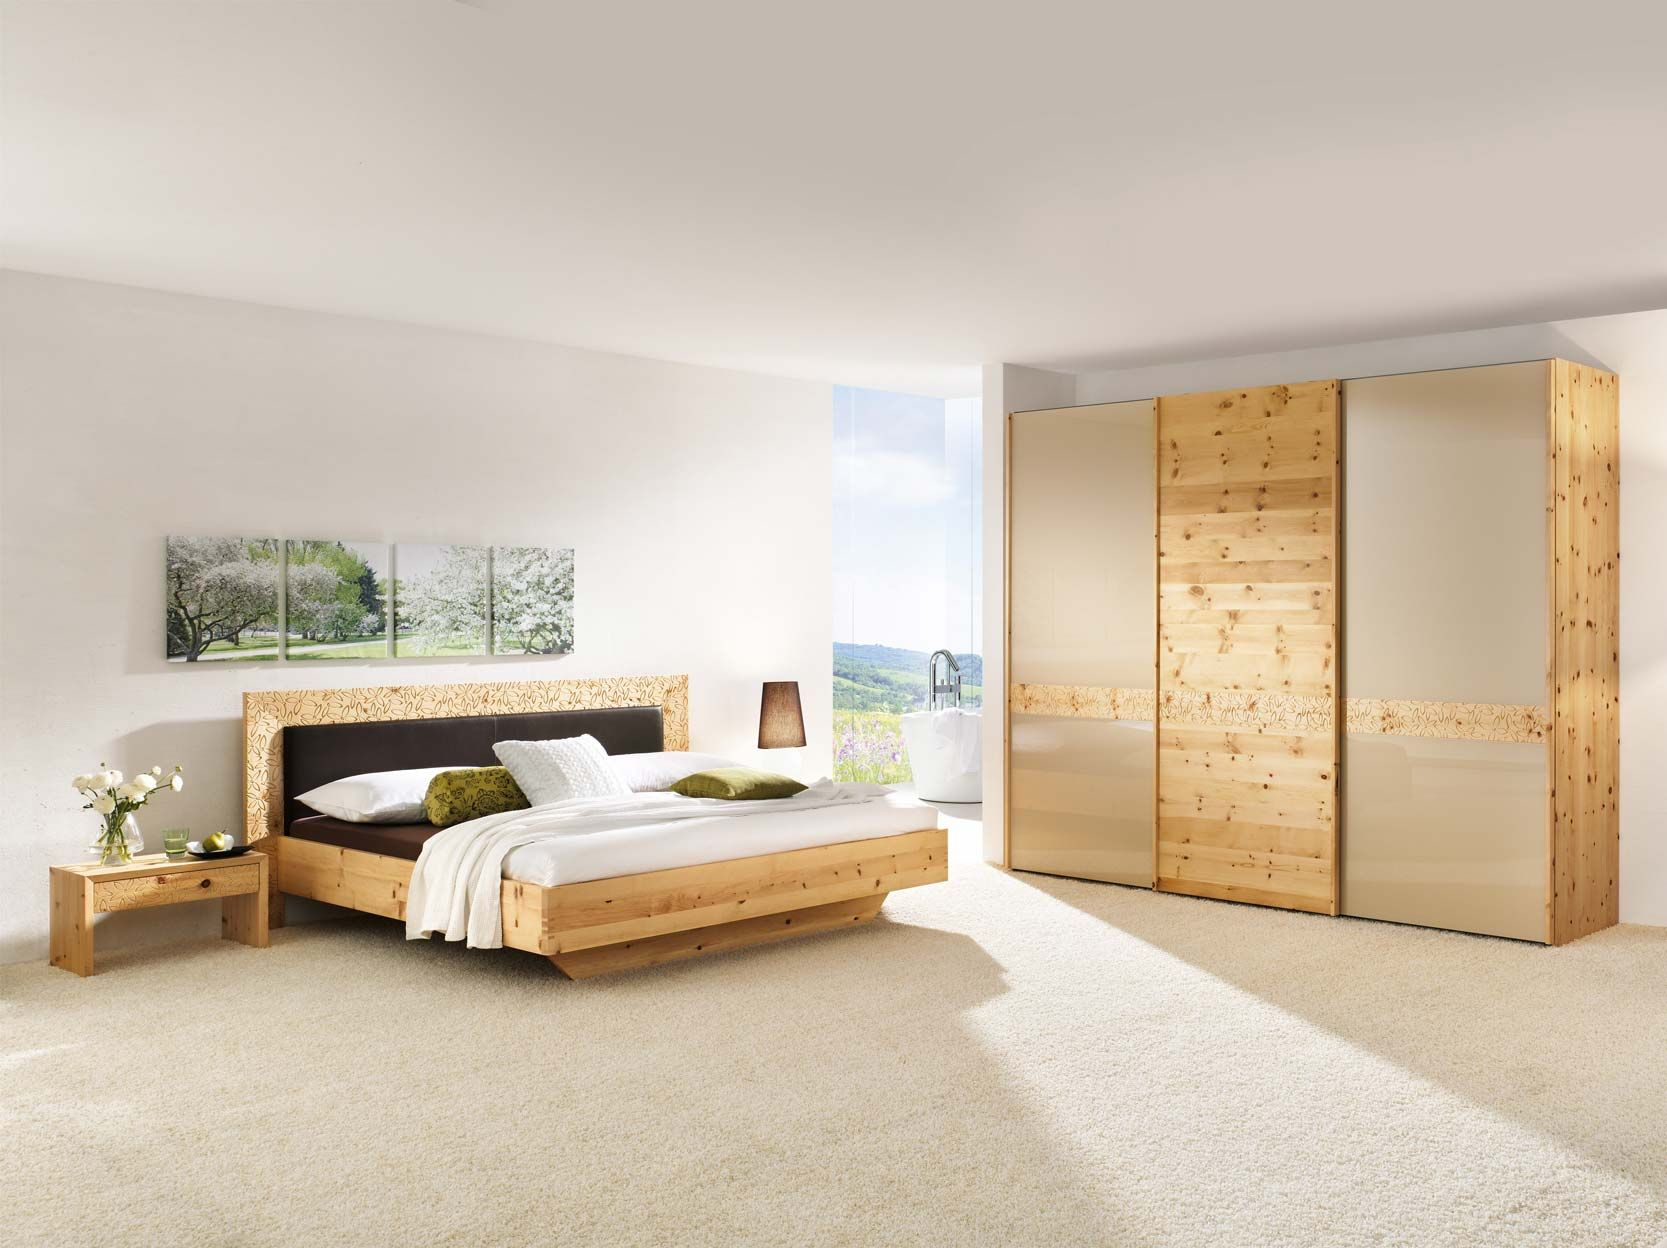 Zirbenholz schlafzimmer modern  Der Duft von Zirbe - ein Traum! Anrei - Echt seit 1894. rio ...